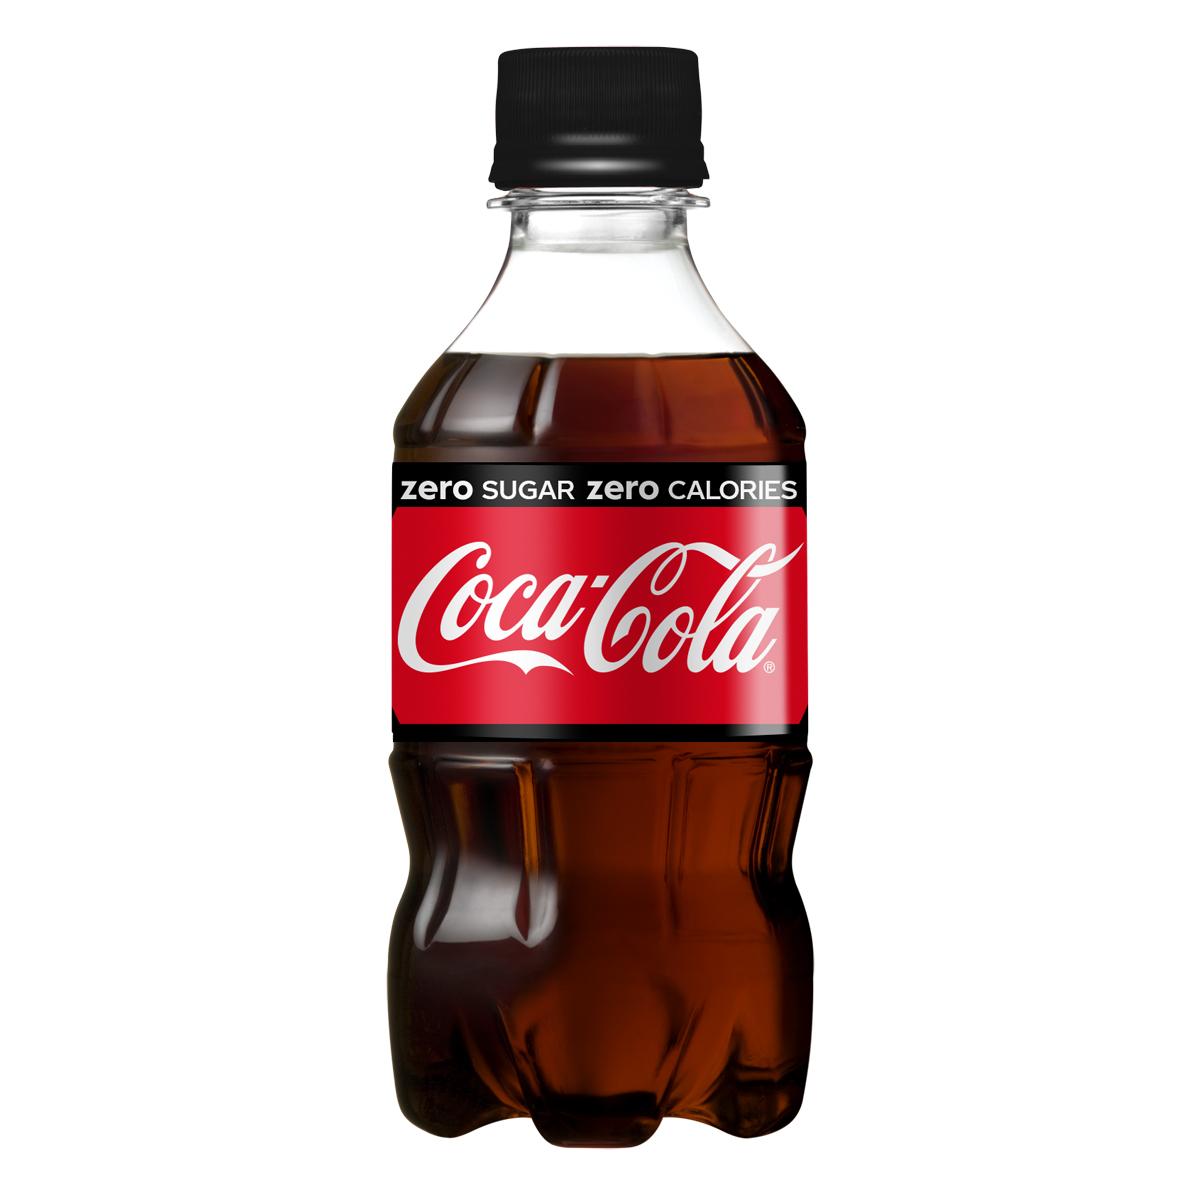 【2ケースセット】コカ・コーラ コカ・コーラ ゼロ PET 300mL 飲料 飲み物 ペットボトル ソフトドリンク 24本×2ケース 買い回り 買い周り 買いまわり ポイント消化